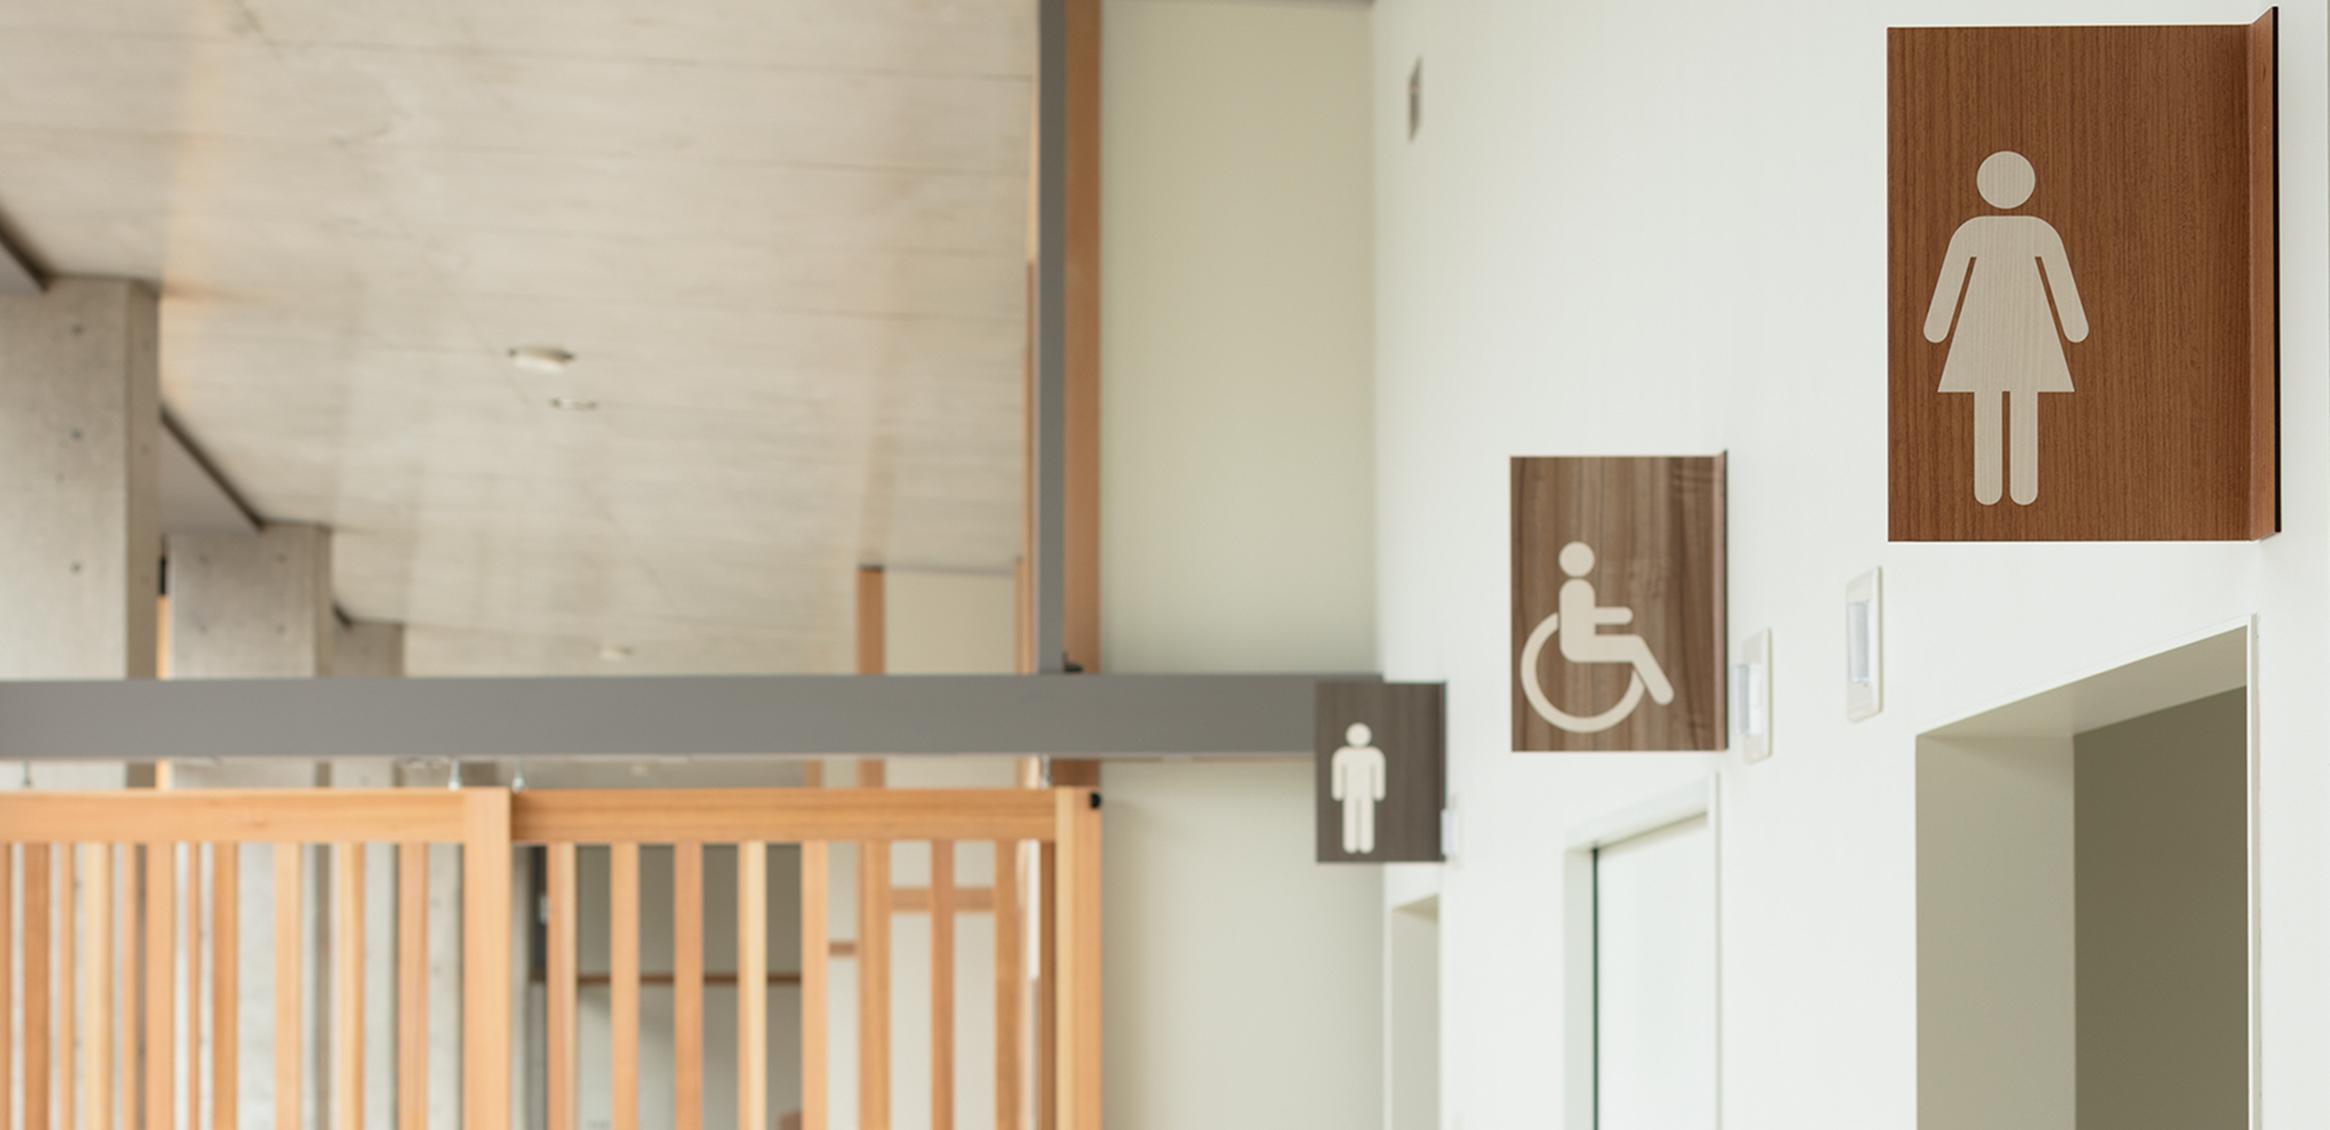 美波町医疗保健中心标识系统设计© 色部设计研究室